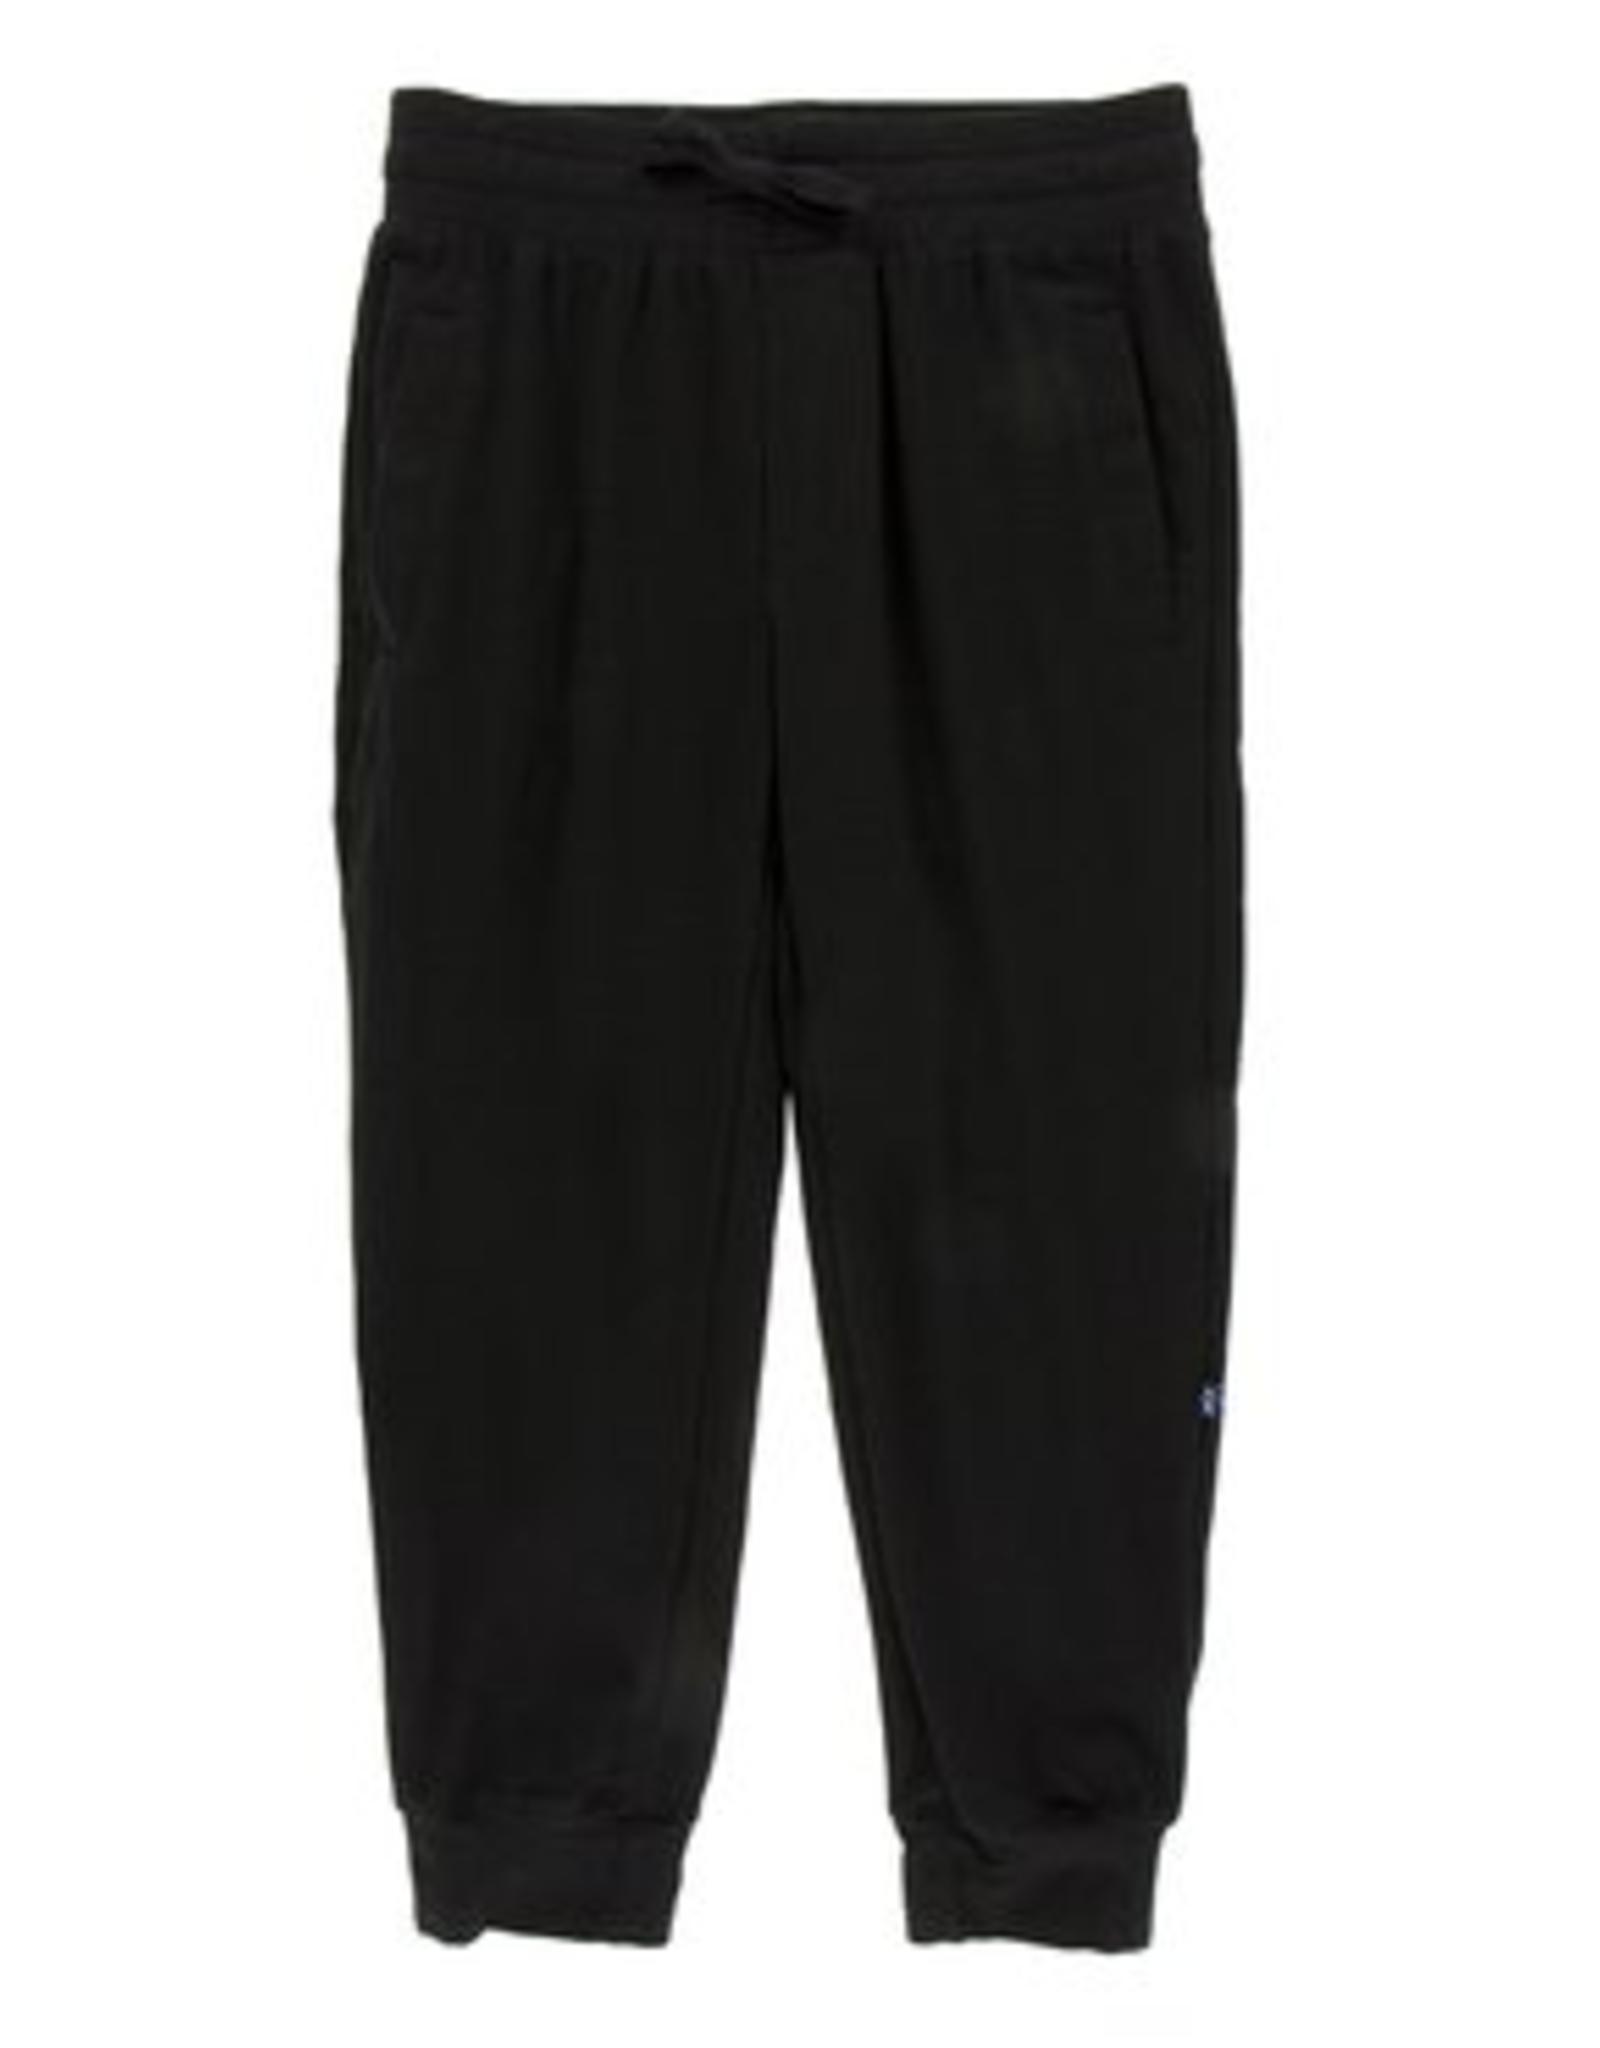 KicKee Pants KicKee Pants - Jersey Tapered Pants